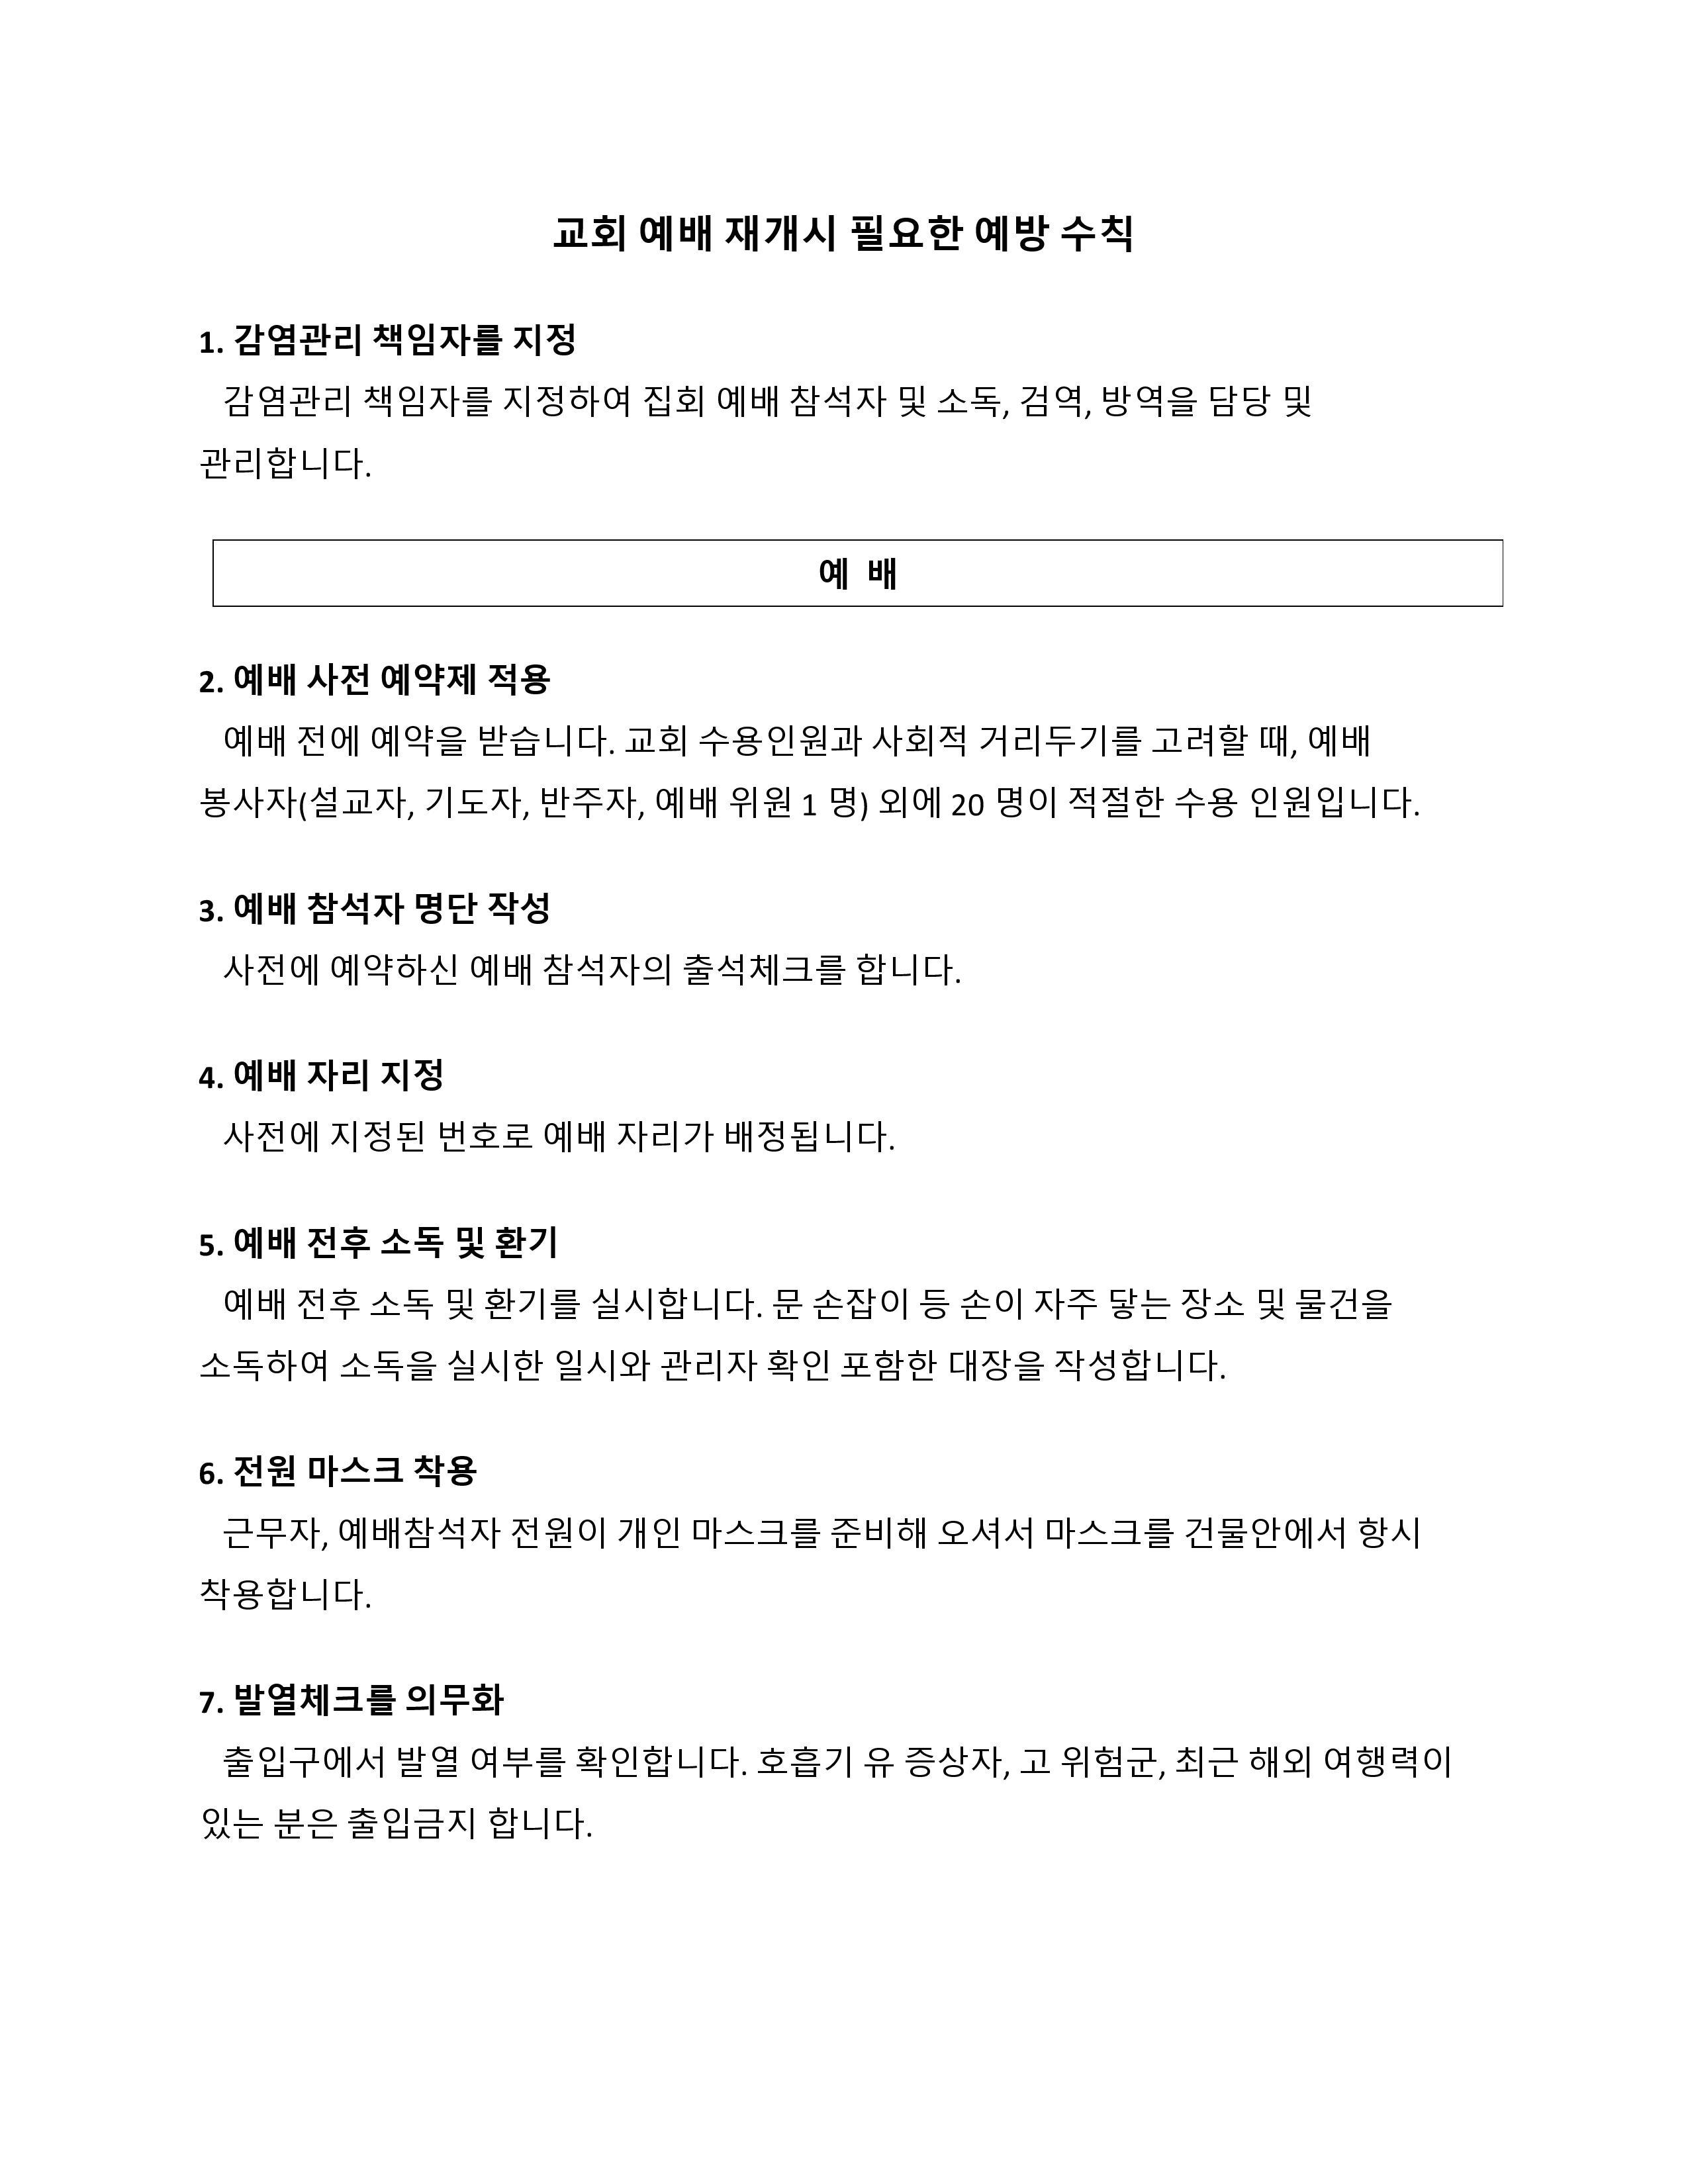 7월 예배 재개를 위한 공고문(웹사이트)2.jpg